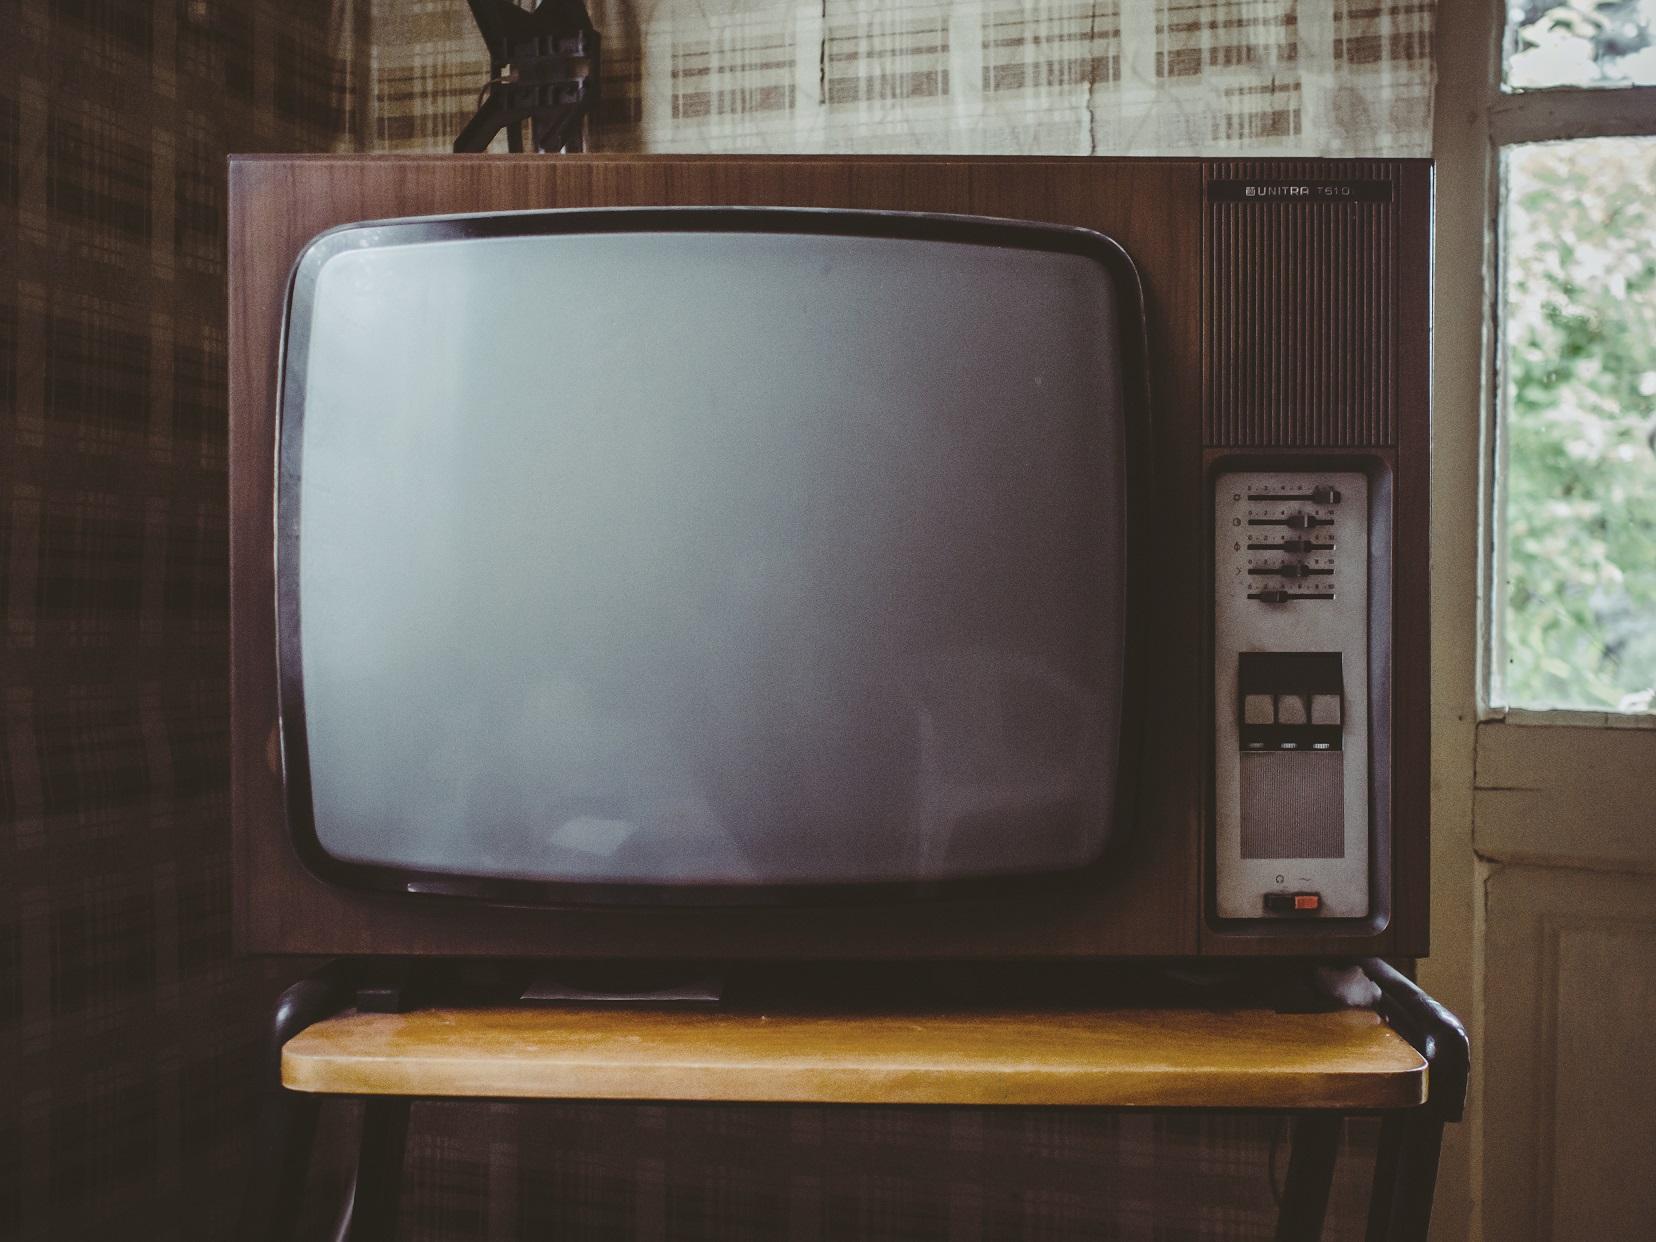 Vintage TV set (Image from pexels.com)